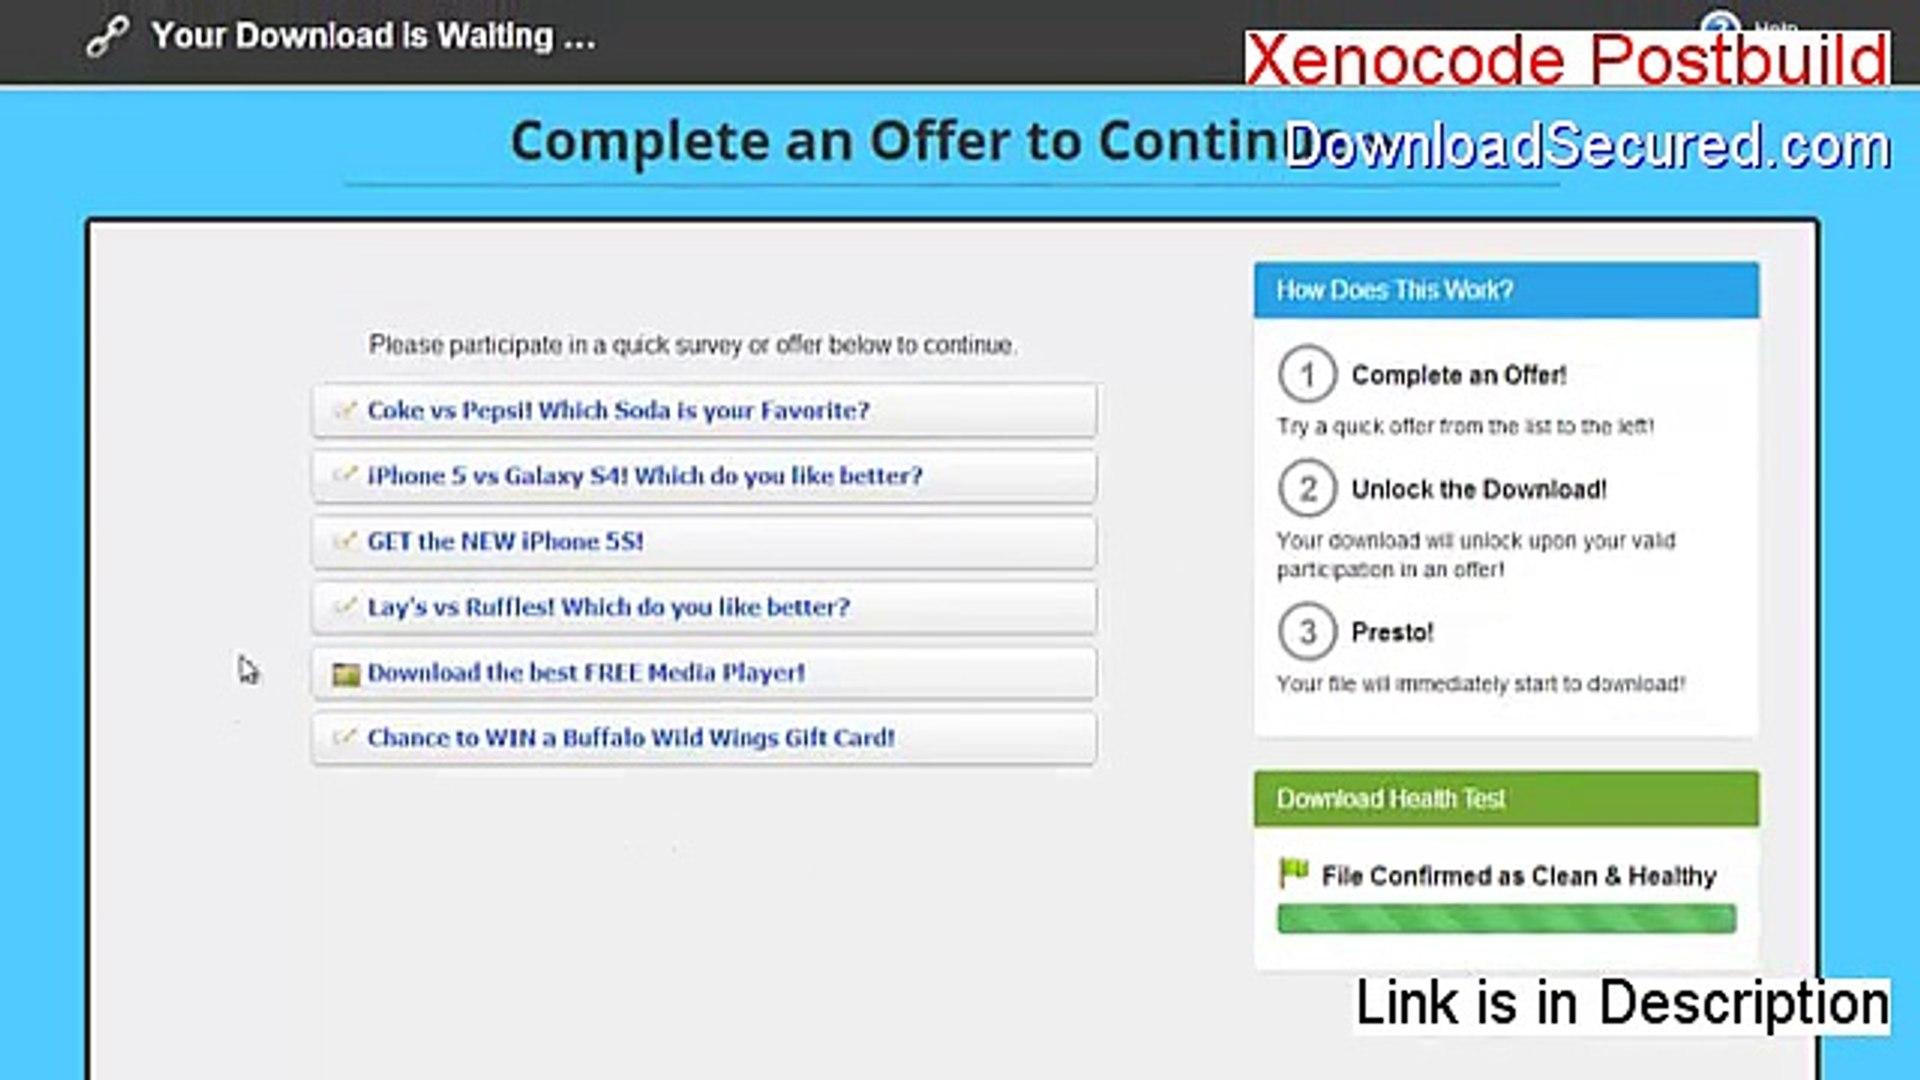 xenocode postbuild 2009 crack